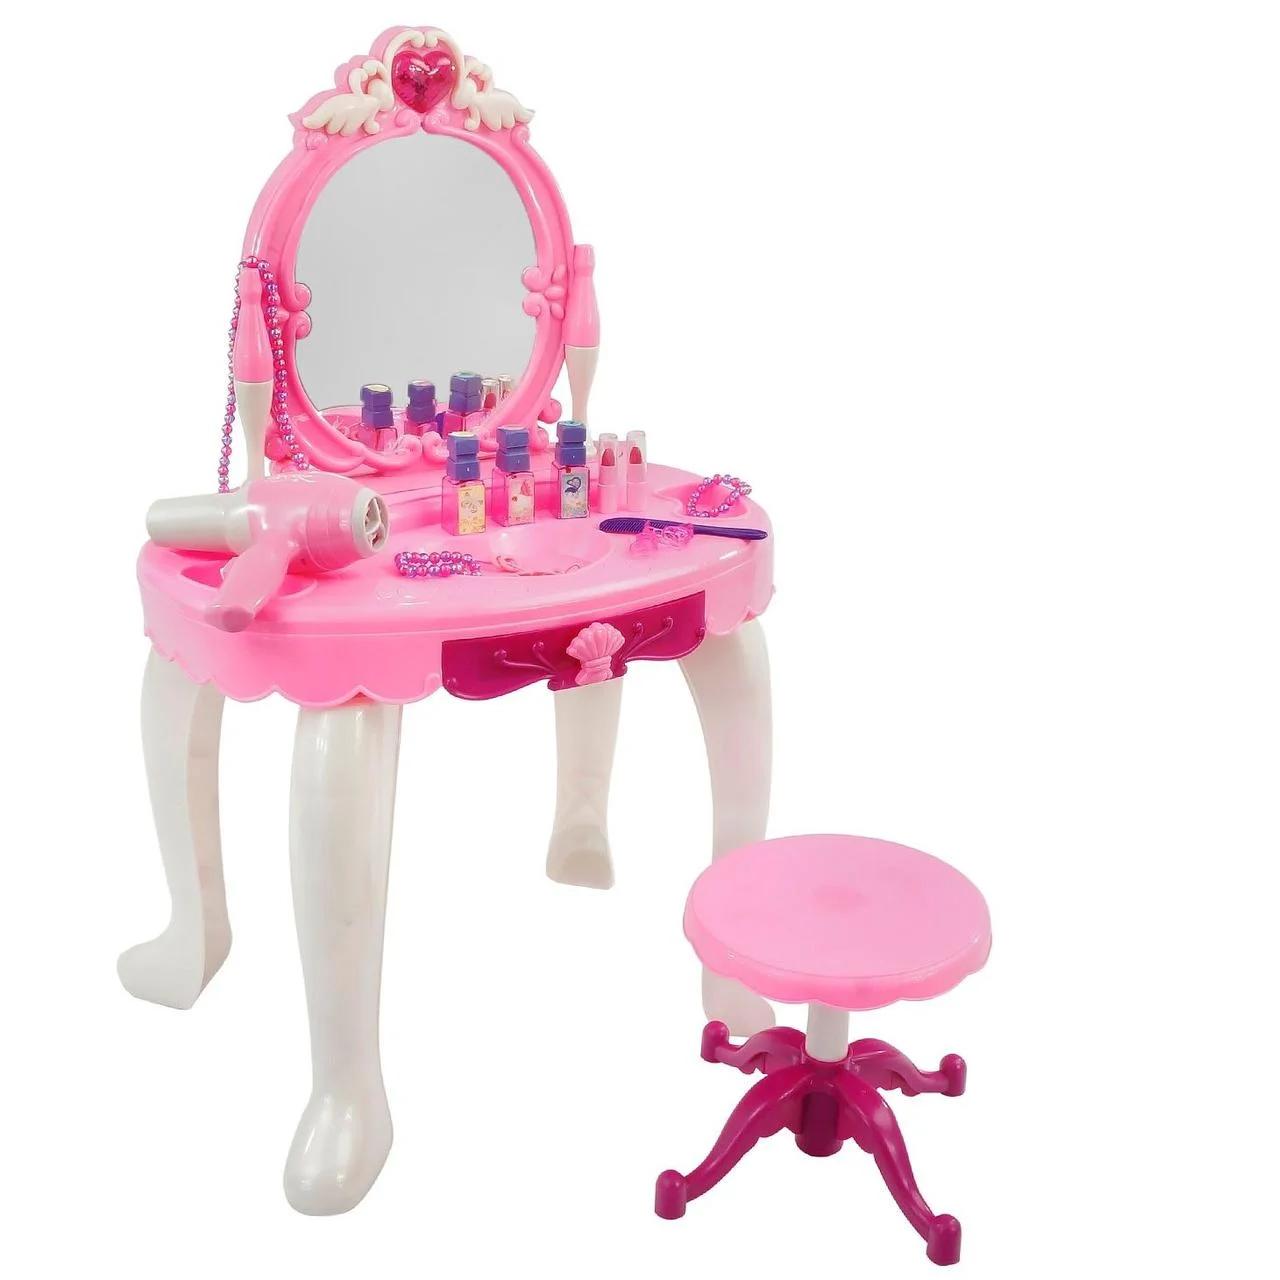 Туалетный столик Трюмо  с набором аксессуаров